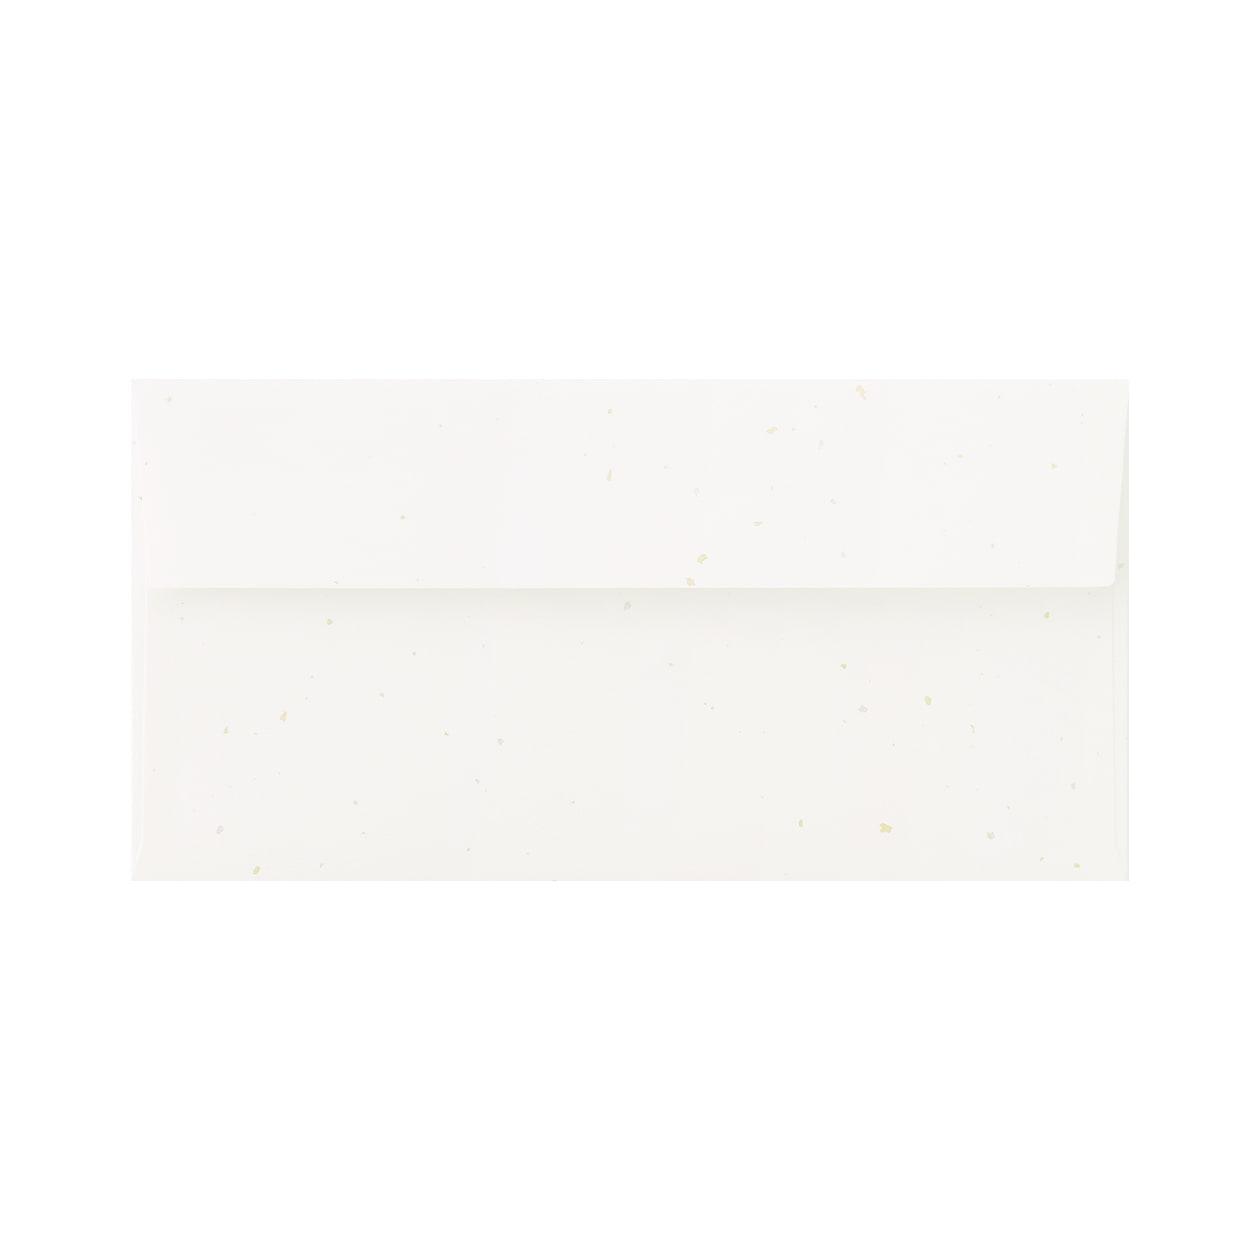 長3カマス封筒 白うさぎ 金銀 98g